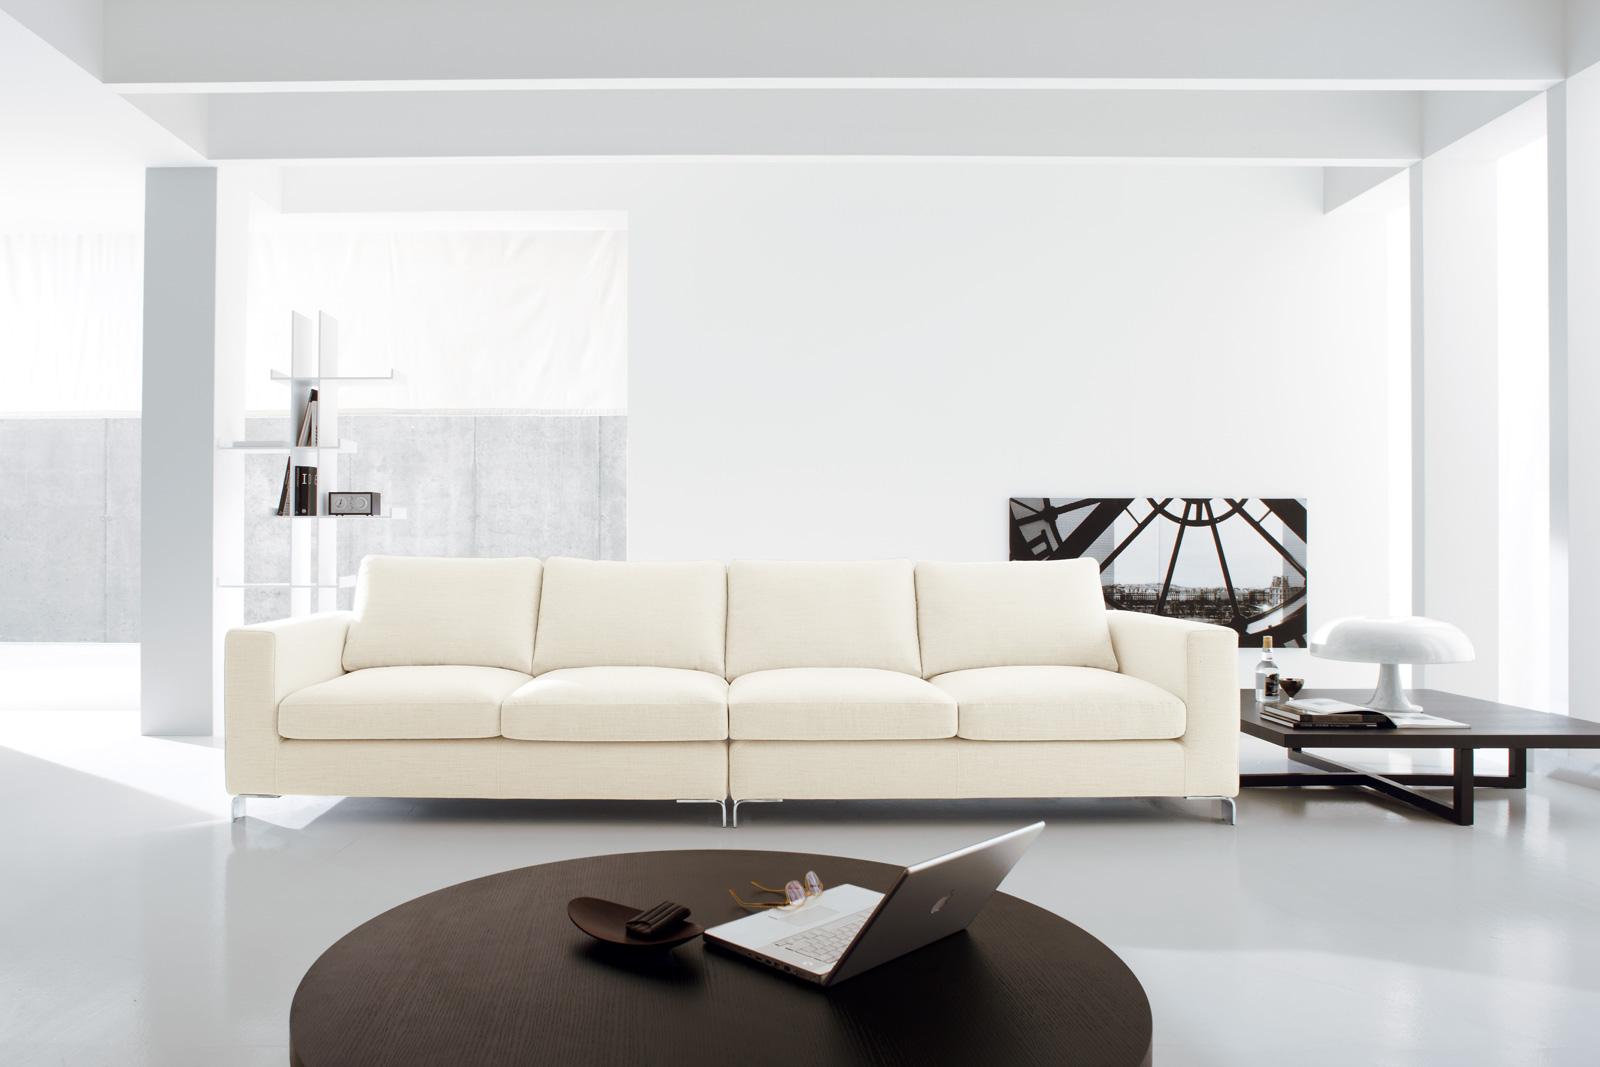 Divani blog tino mariani idee per arredare il salotto for Granfoulard per divano